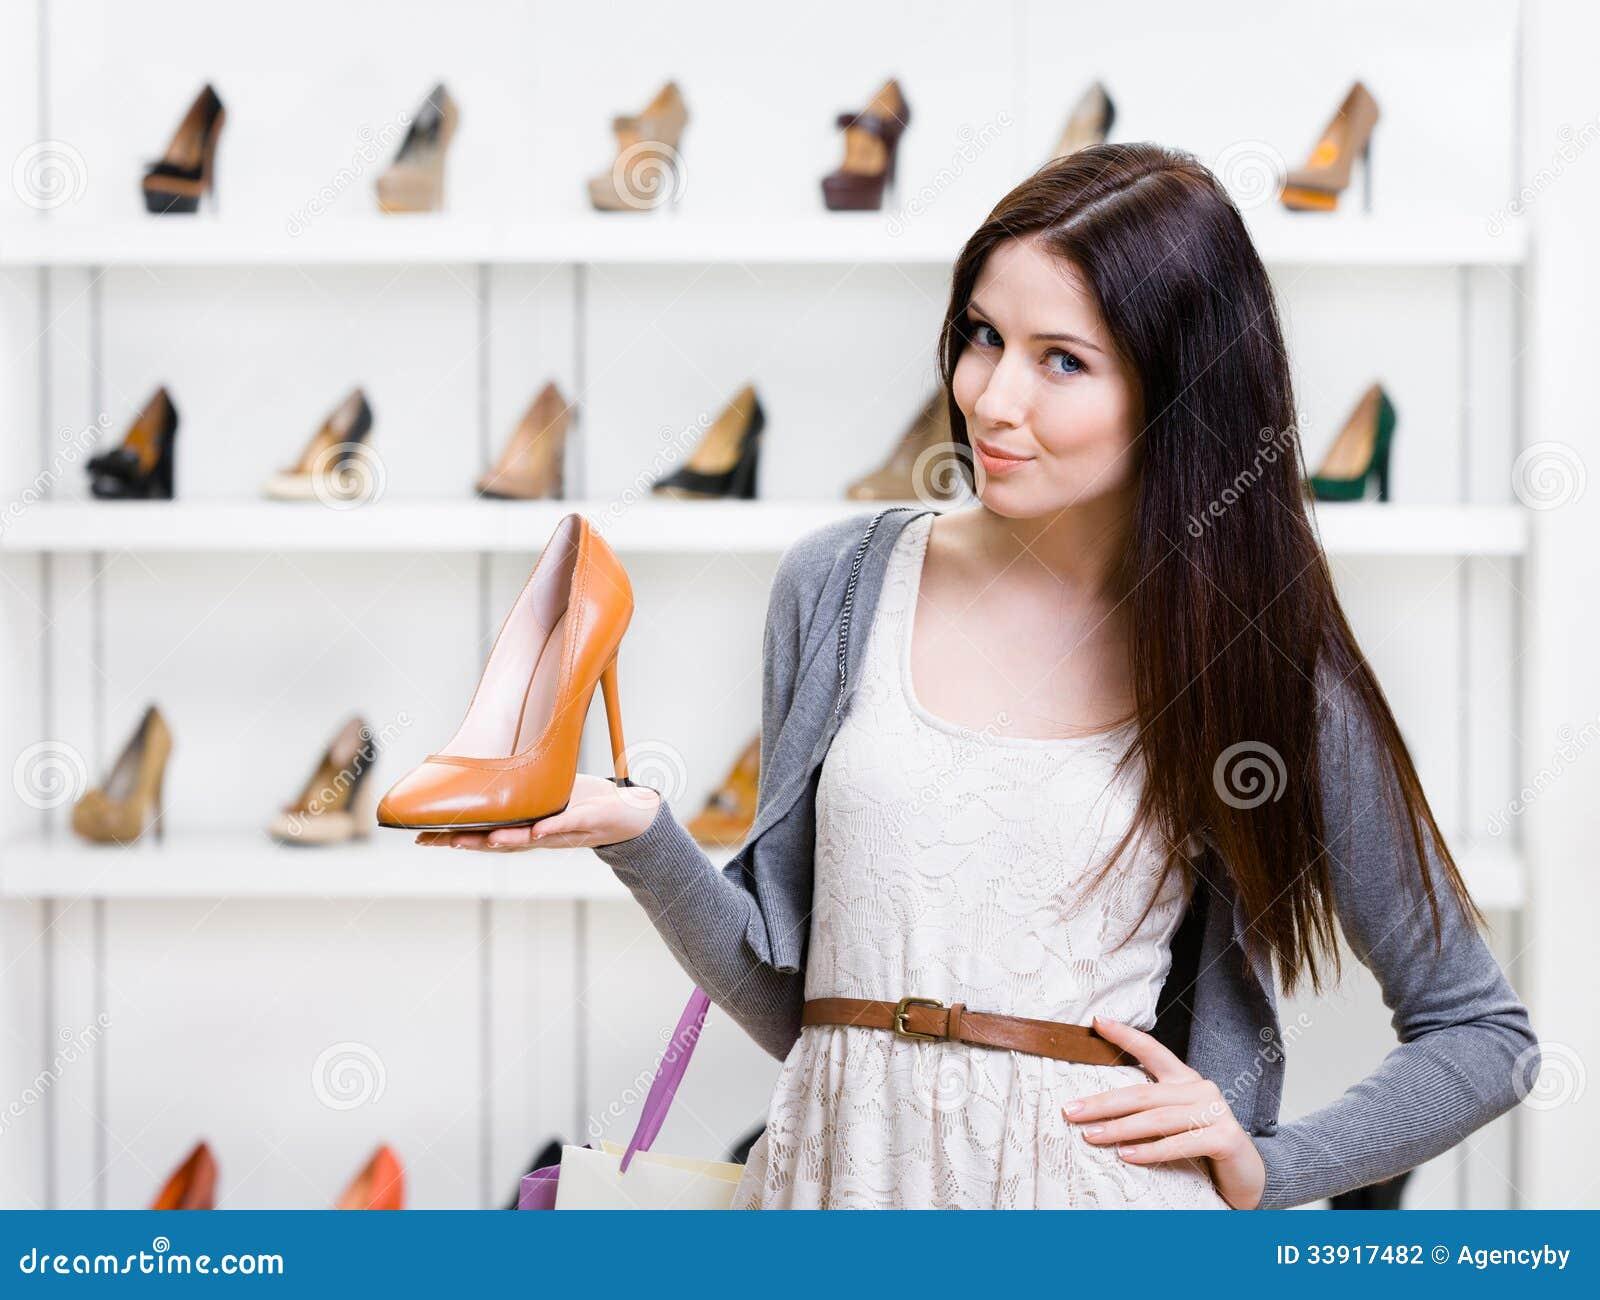 I halvfigur stående av kvinnan som håller skon